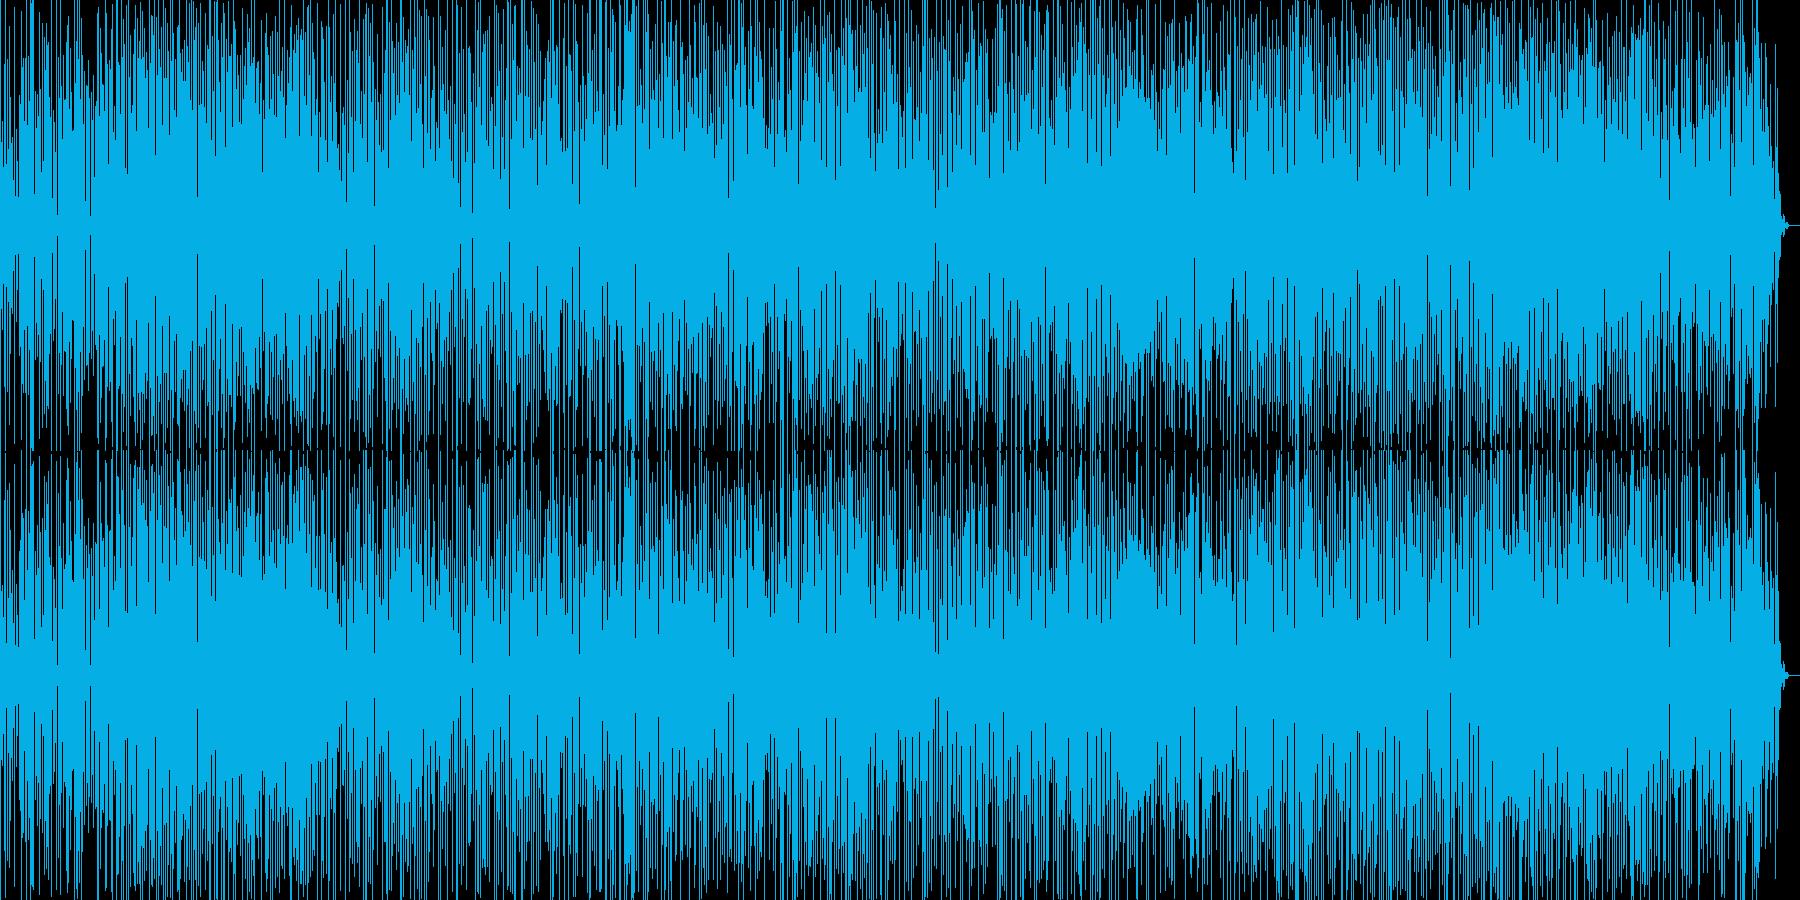 テクテク歩くイメージの楽曲の再生済みの波形